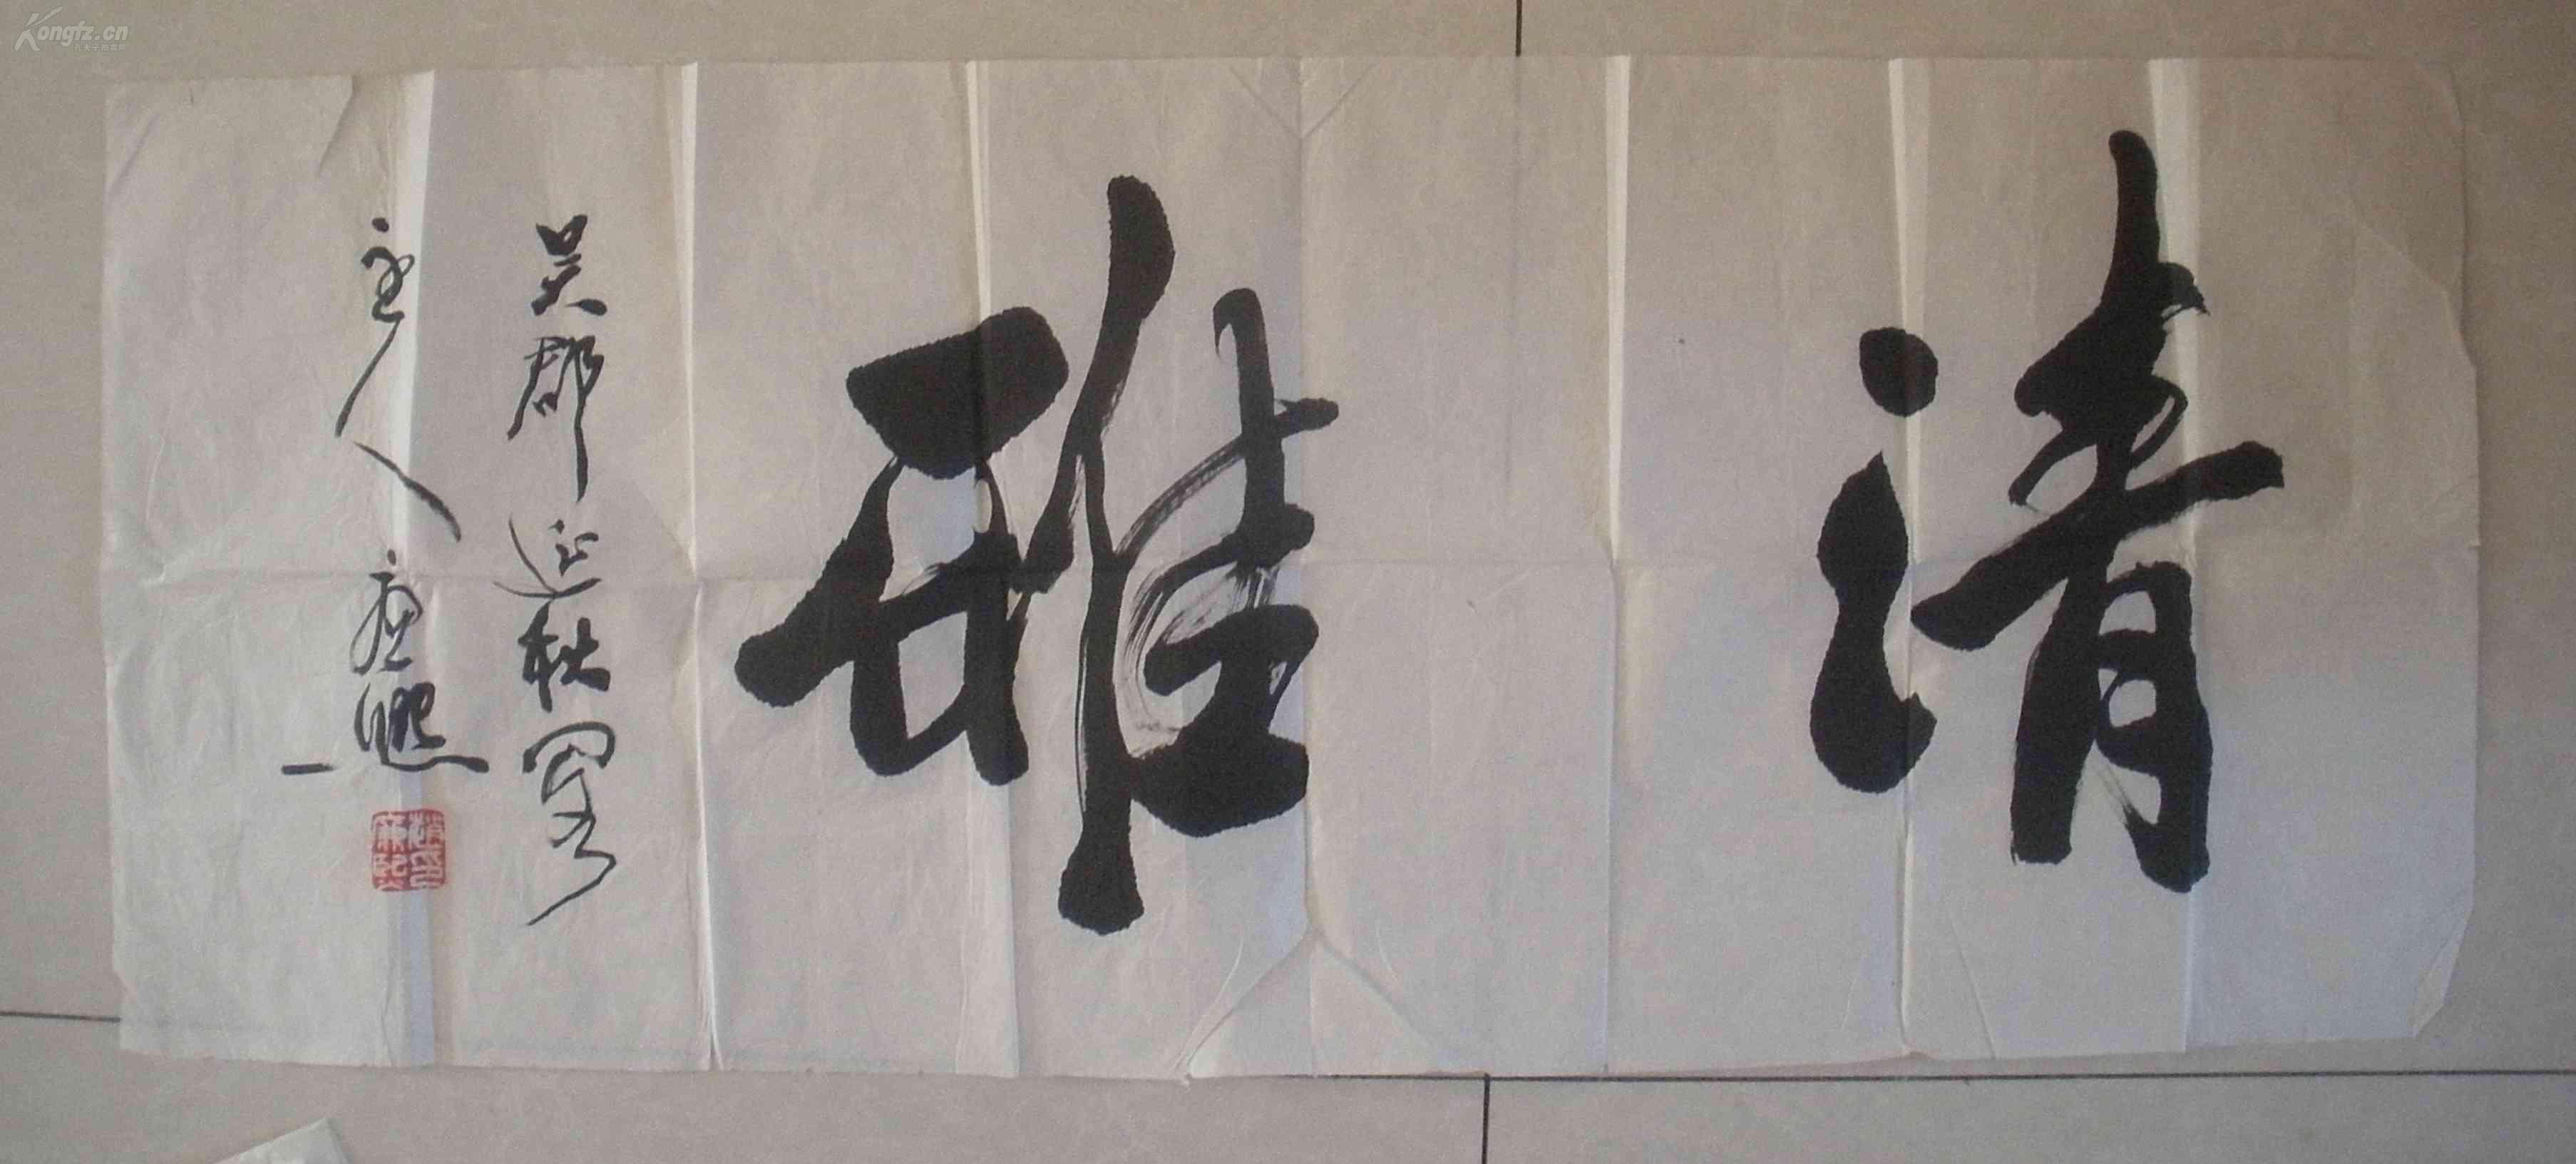 名家赵廉熙书法 拍品编号:24743101图片